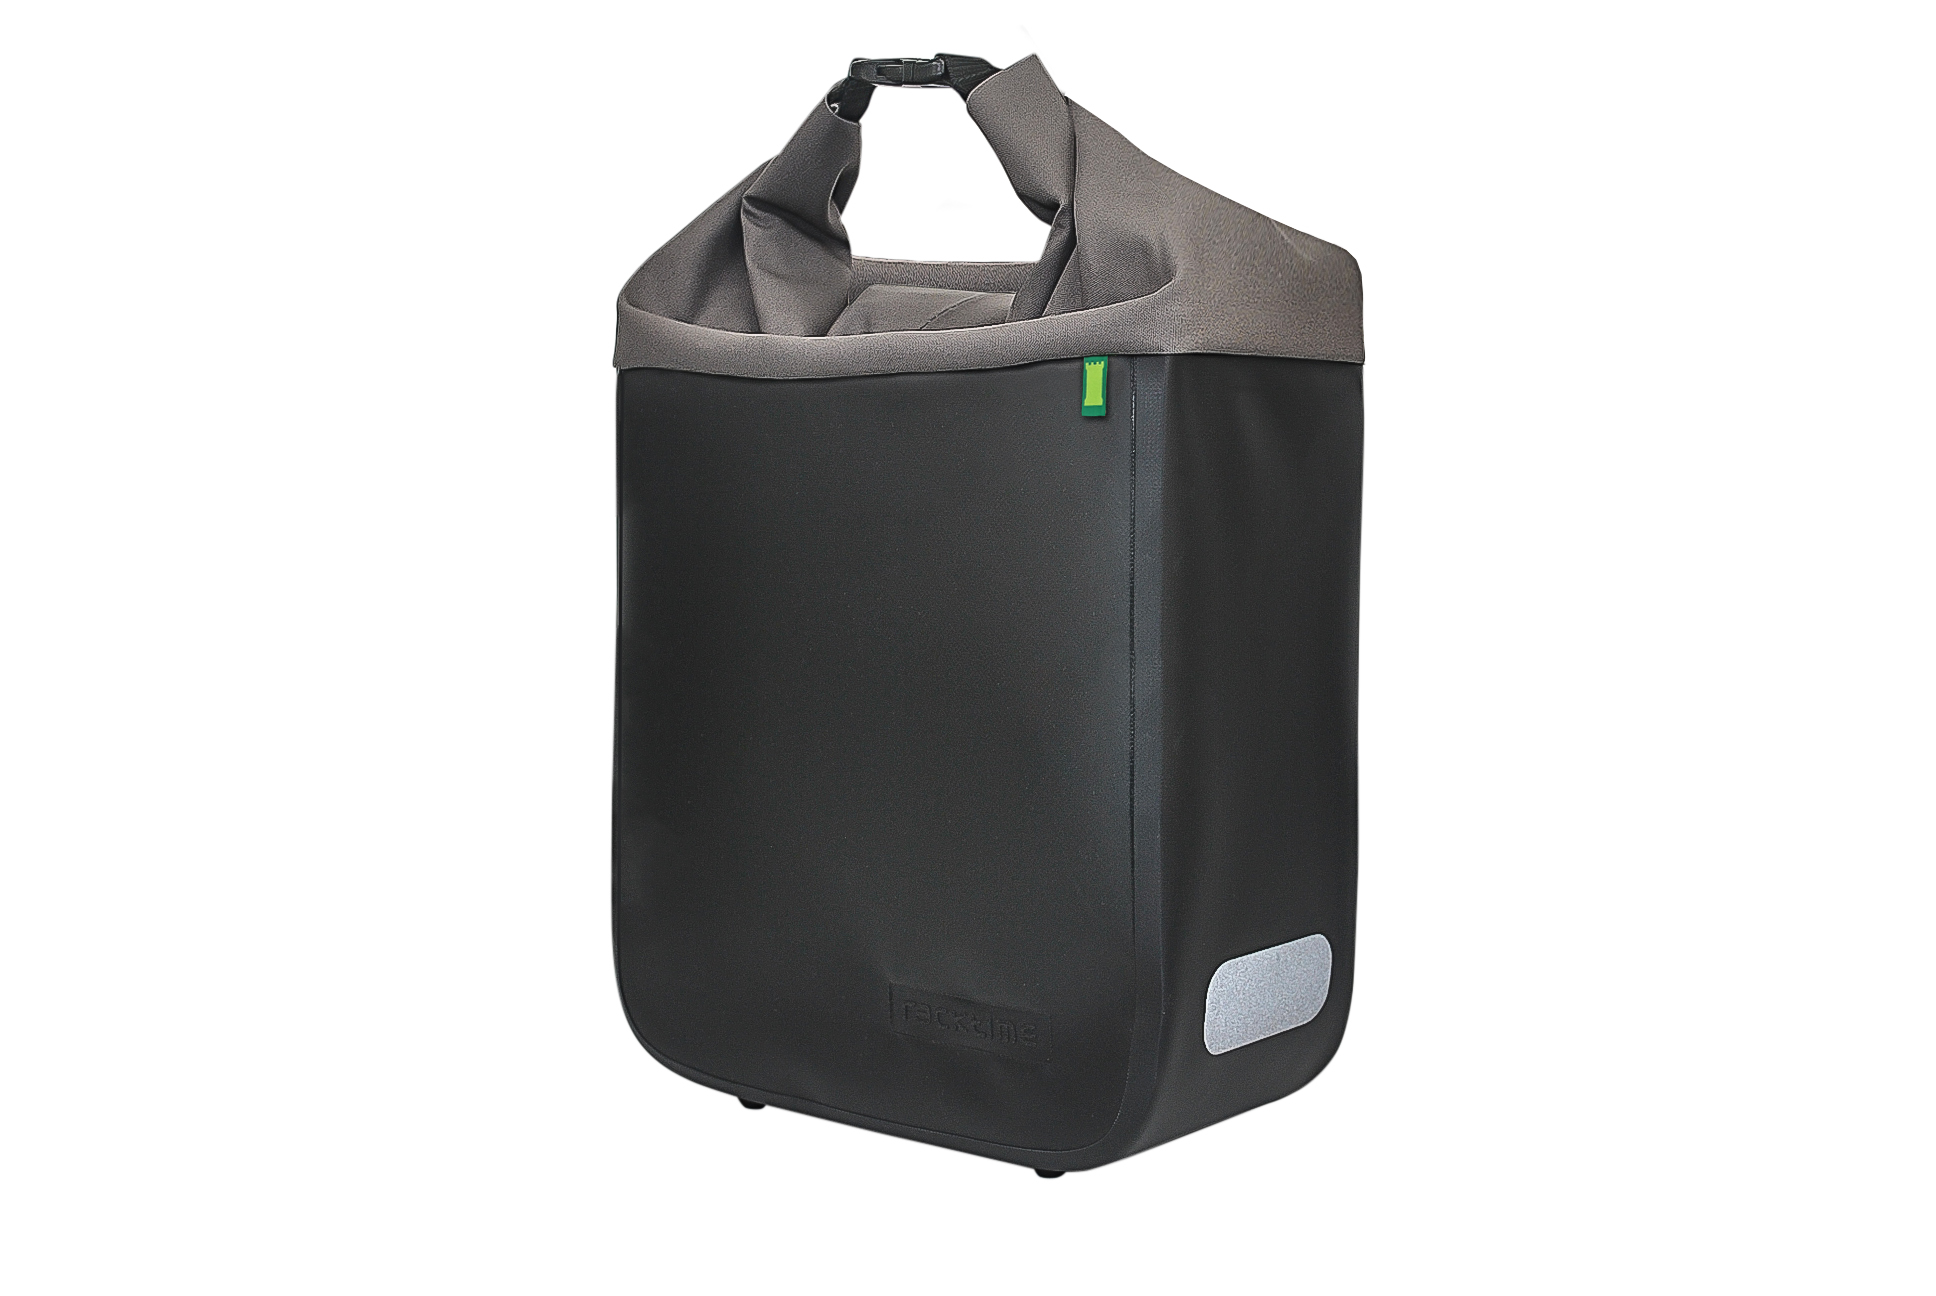 Rollverschlusstasche Donna (IP65) wird in lavaorange, basaltgrau und onyxschwarz angeboten.